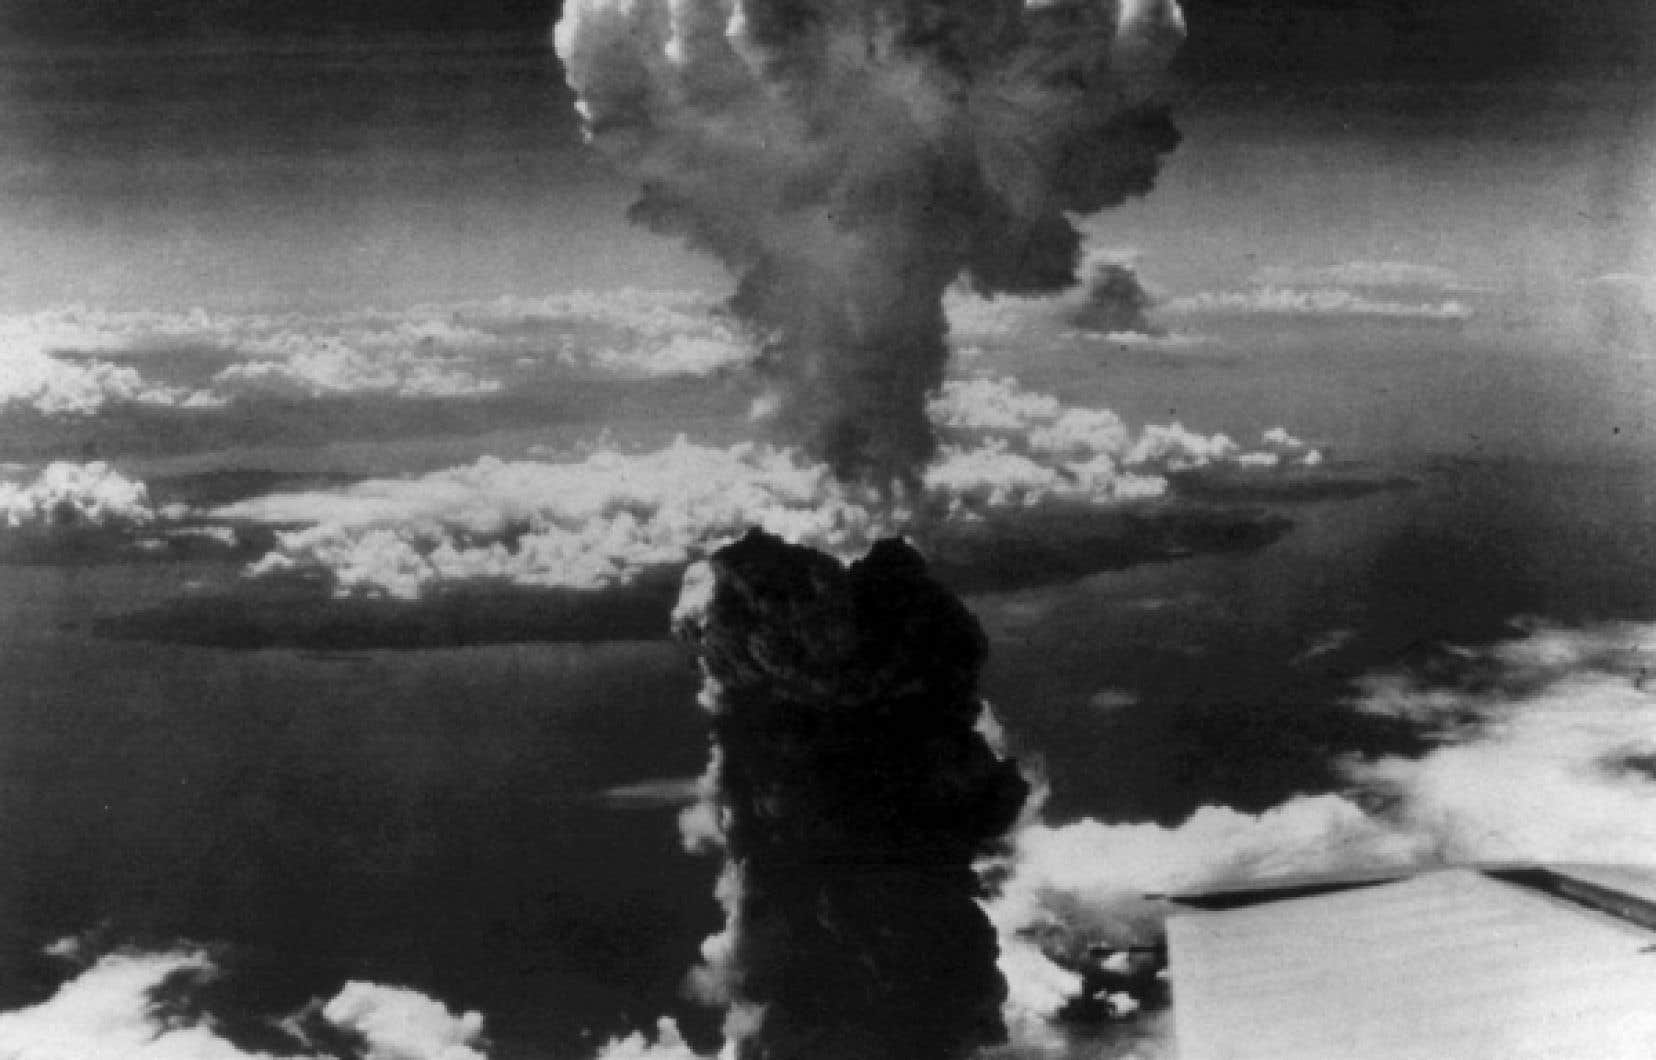 L&rsquo;explosion de la premi&egrave;re bombe atomique sur le Japon soul&egrave;ve dans Le Devoir un commentaire maison intitul&eacute; &laquo;La bombe atomique: nouvelle arme des Alli&eacute;s contre le Japon&raquo;, r&eacute;dig&eacute; par le journaliste Paul Sauriol, qui met en exergue &laquo;le probl&egrave;me moral que pose cette d&eacute;couverte&raquo;.<br />